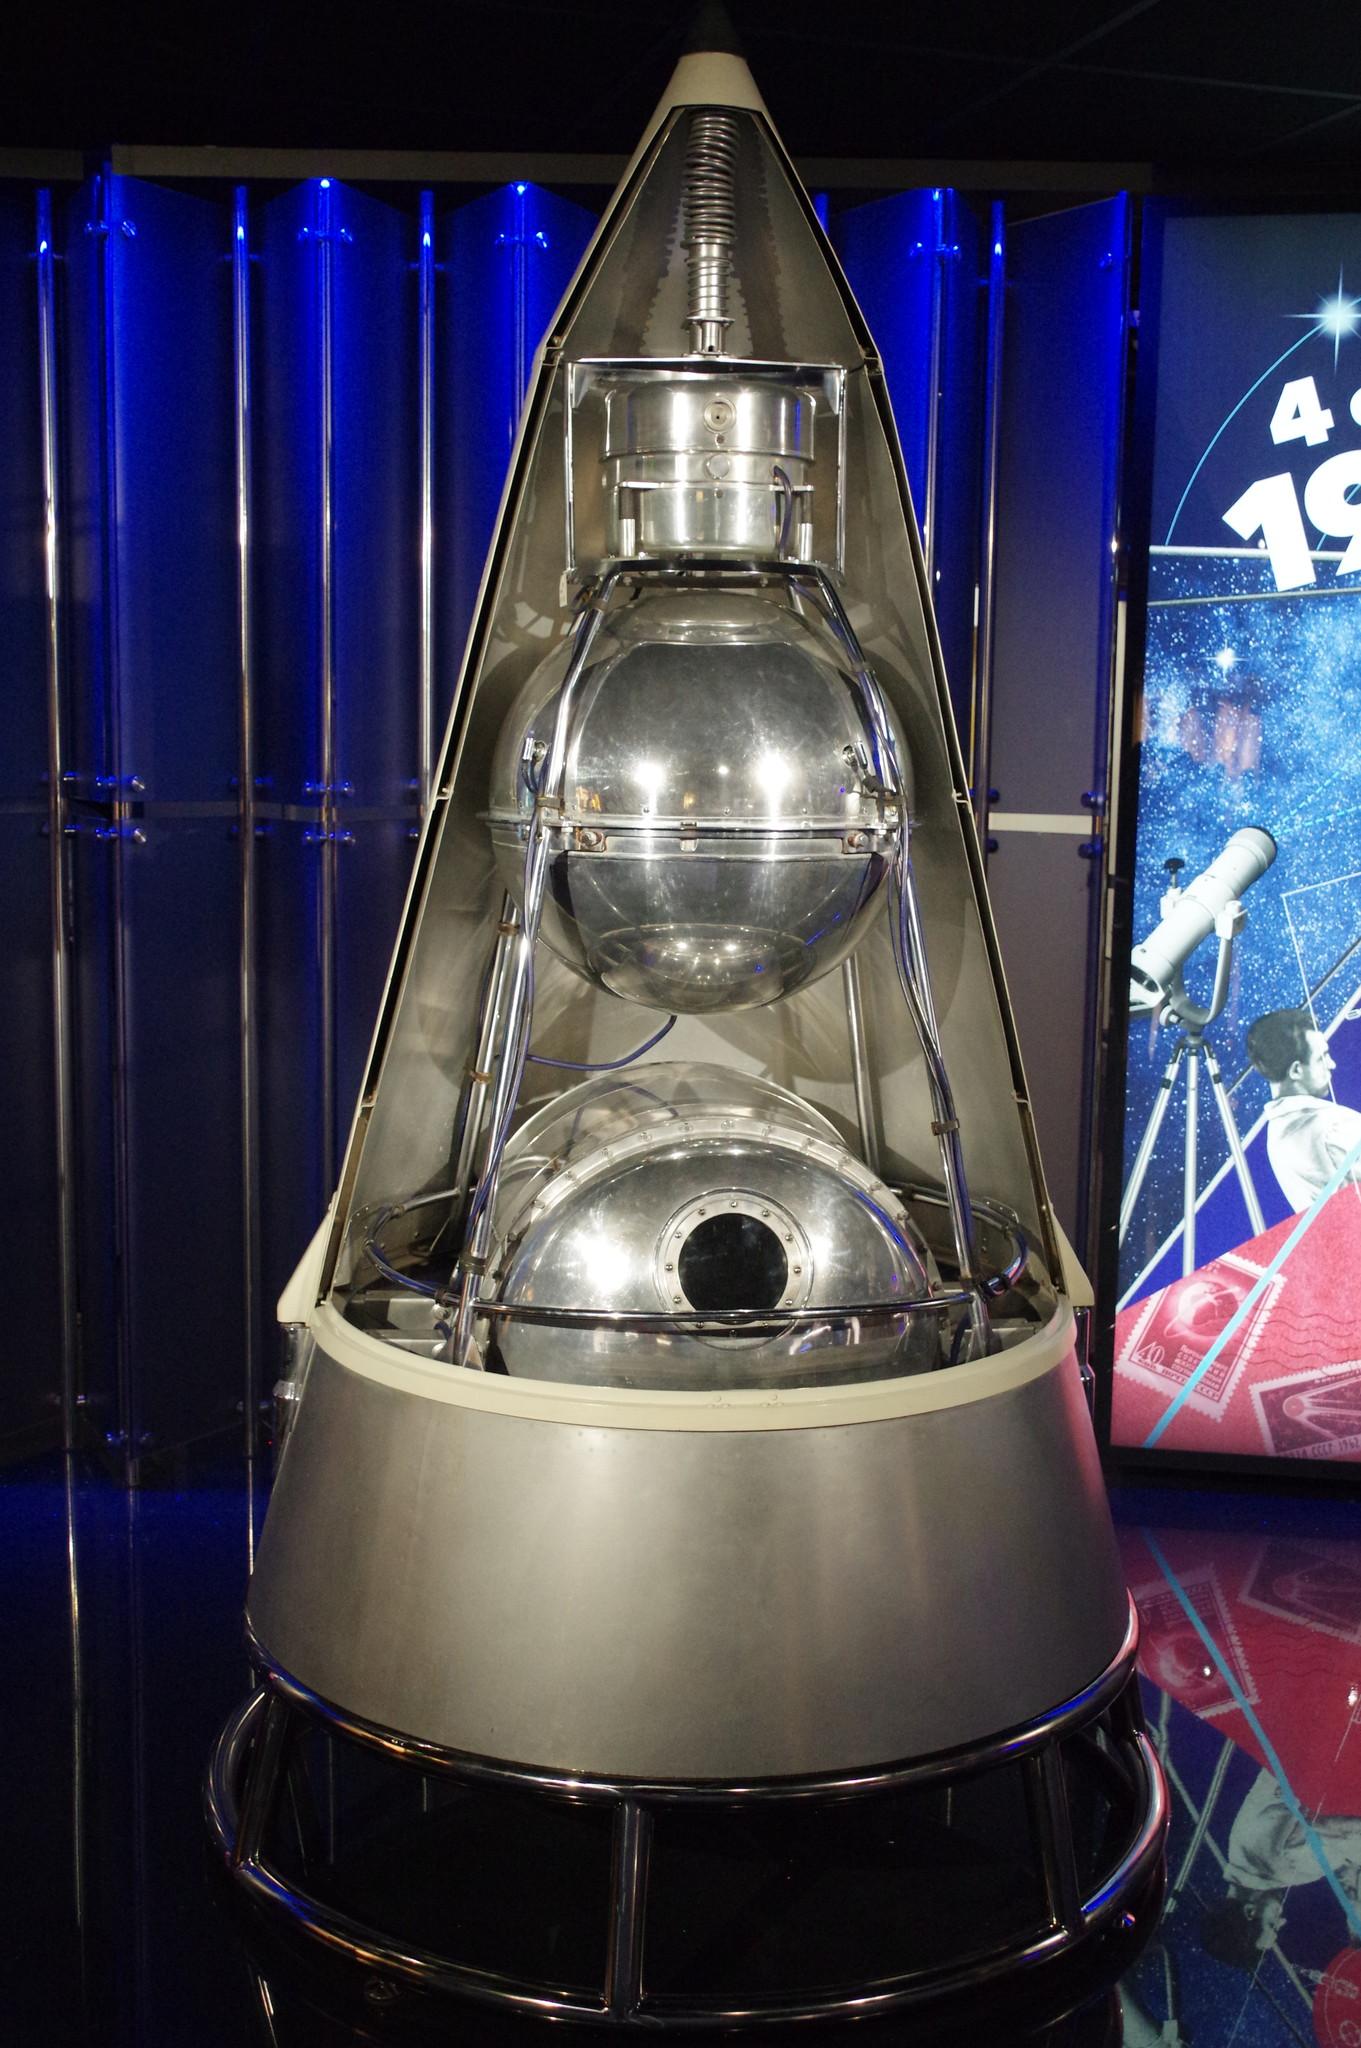 Модель КА «Спутник-2» (первый в мире биологический спутник) в Музее Космонавтики